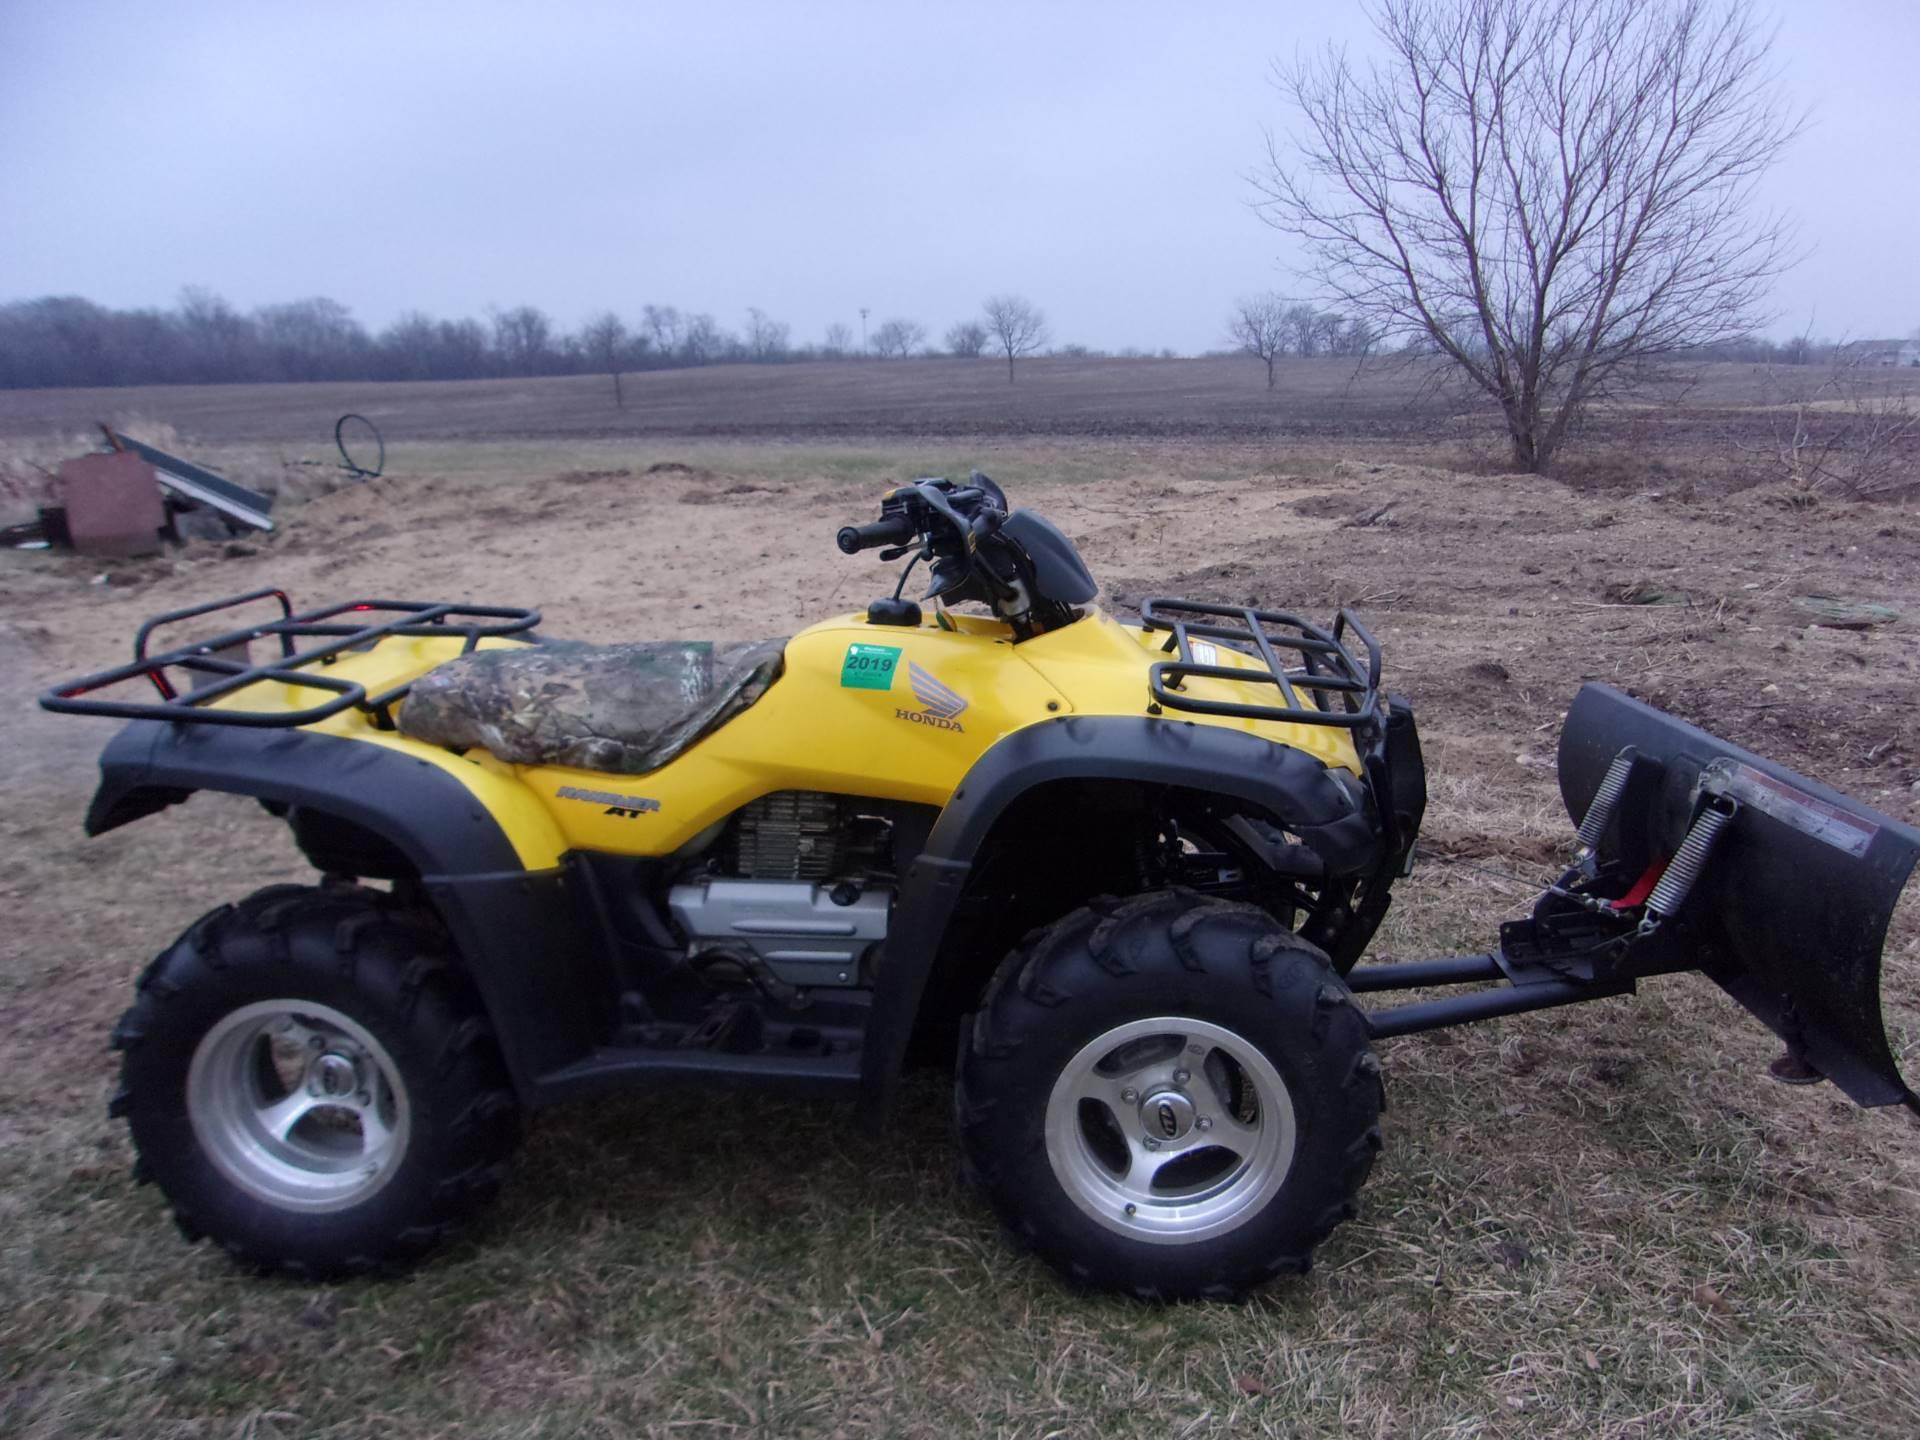 2005 Honda FourTrax Rancher AT 1